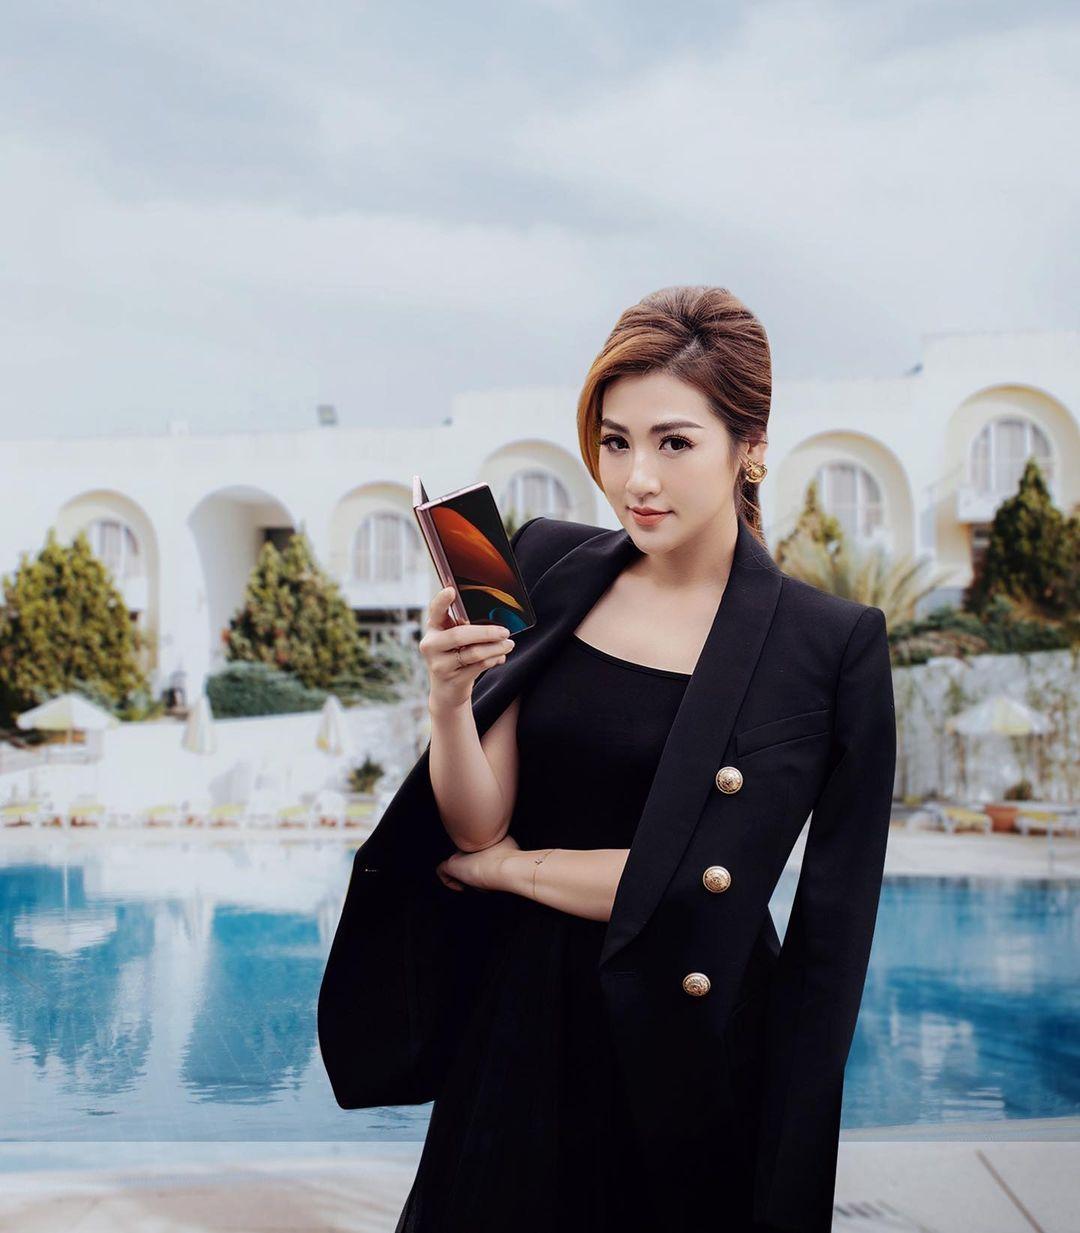 Nhìn Á hậu Tú Anh lên đồ công sở đẹp mê, chị em tăm tia ngay được 10 set siêu xinh diện đi làm - Ảnh 7.